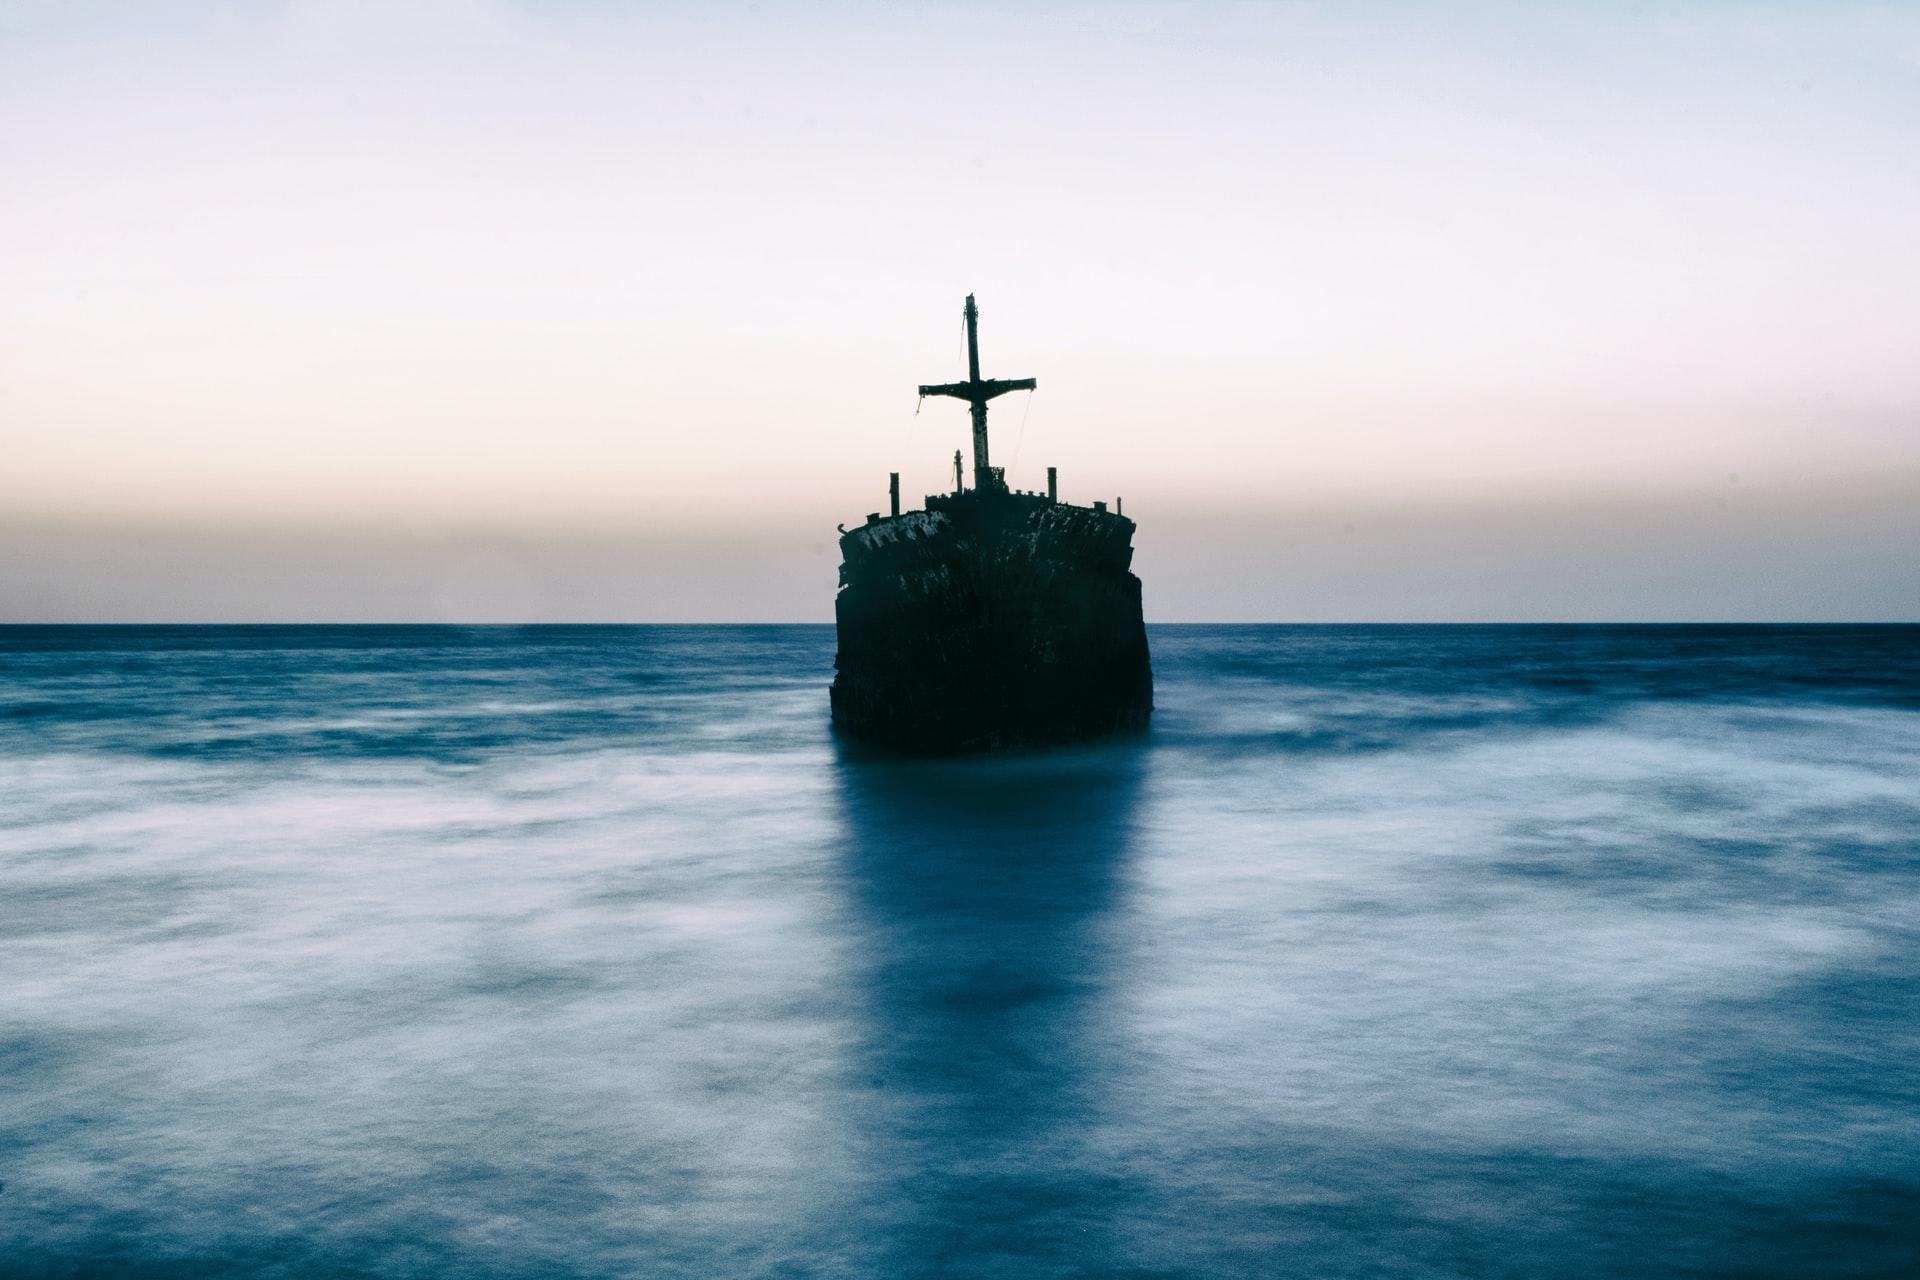 モーリシャス沖で貨物船座礁し、大量の重油が流出